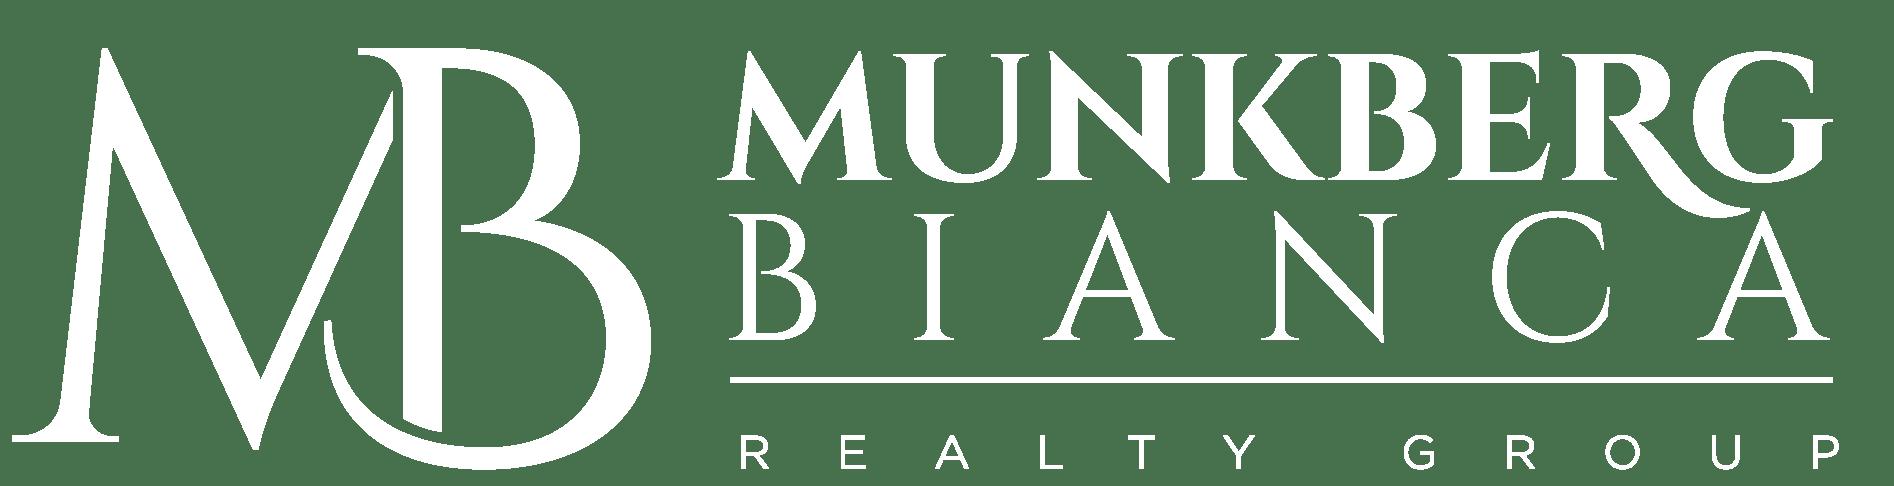 Munkberg Bianca Group